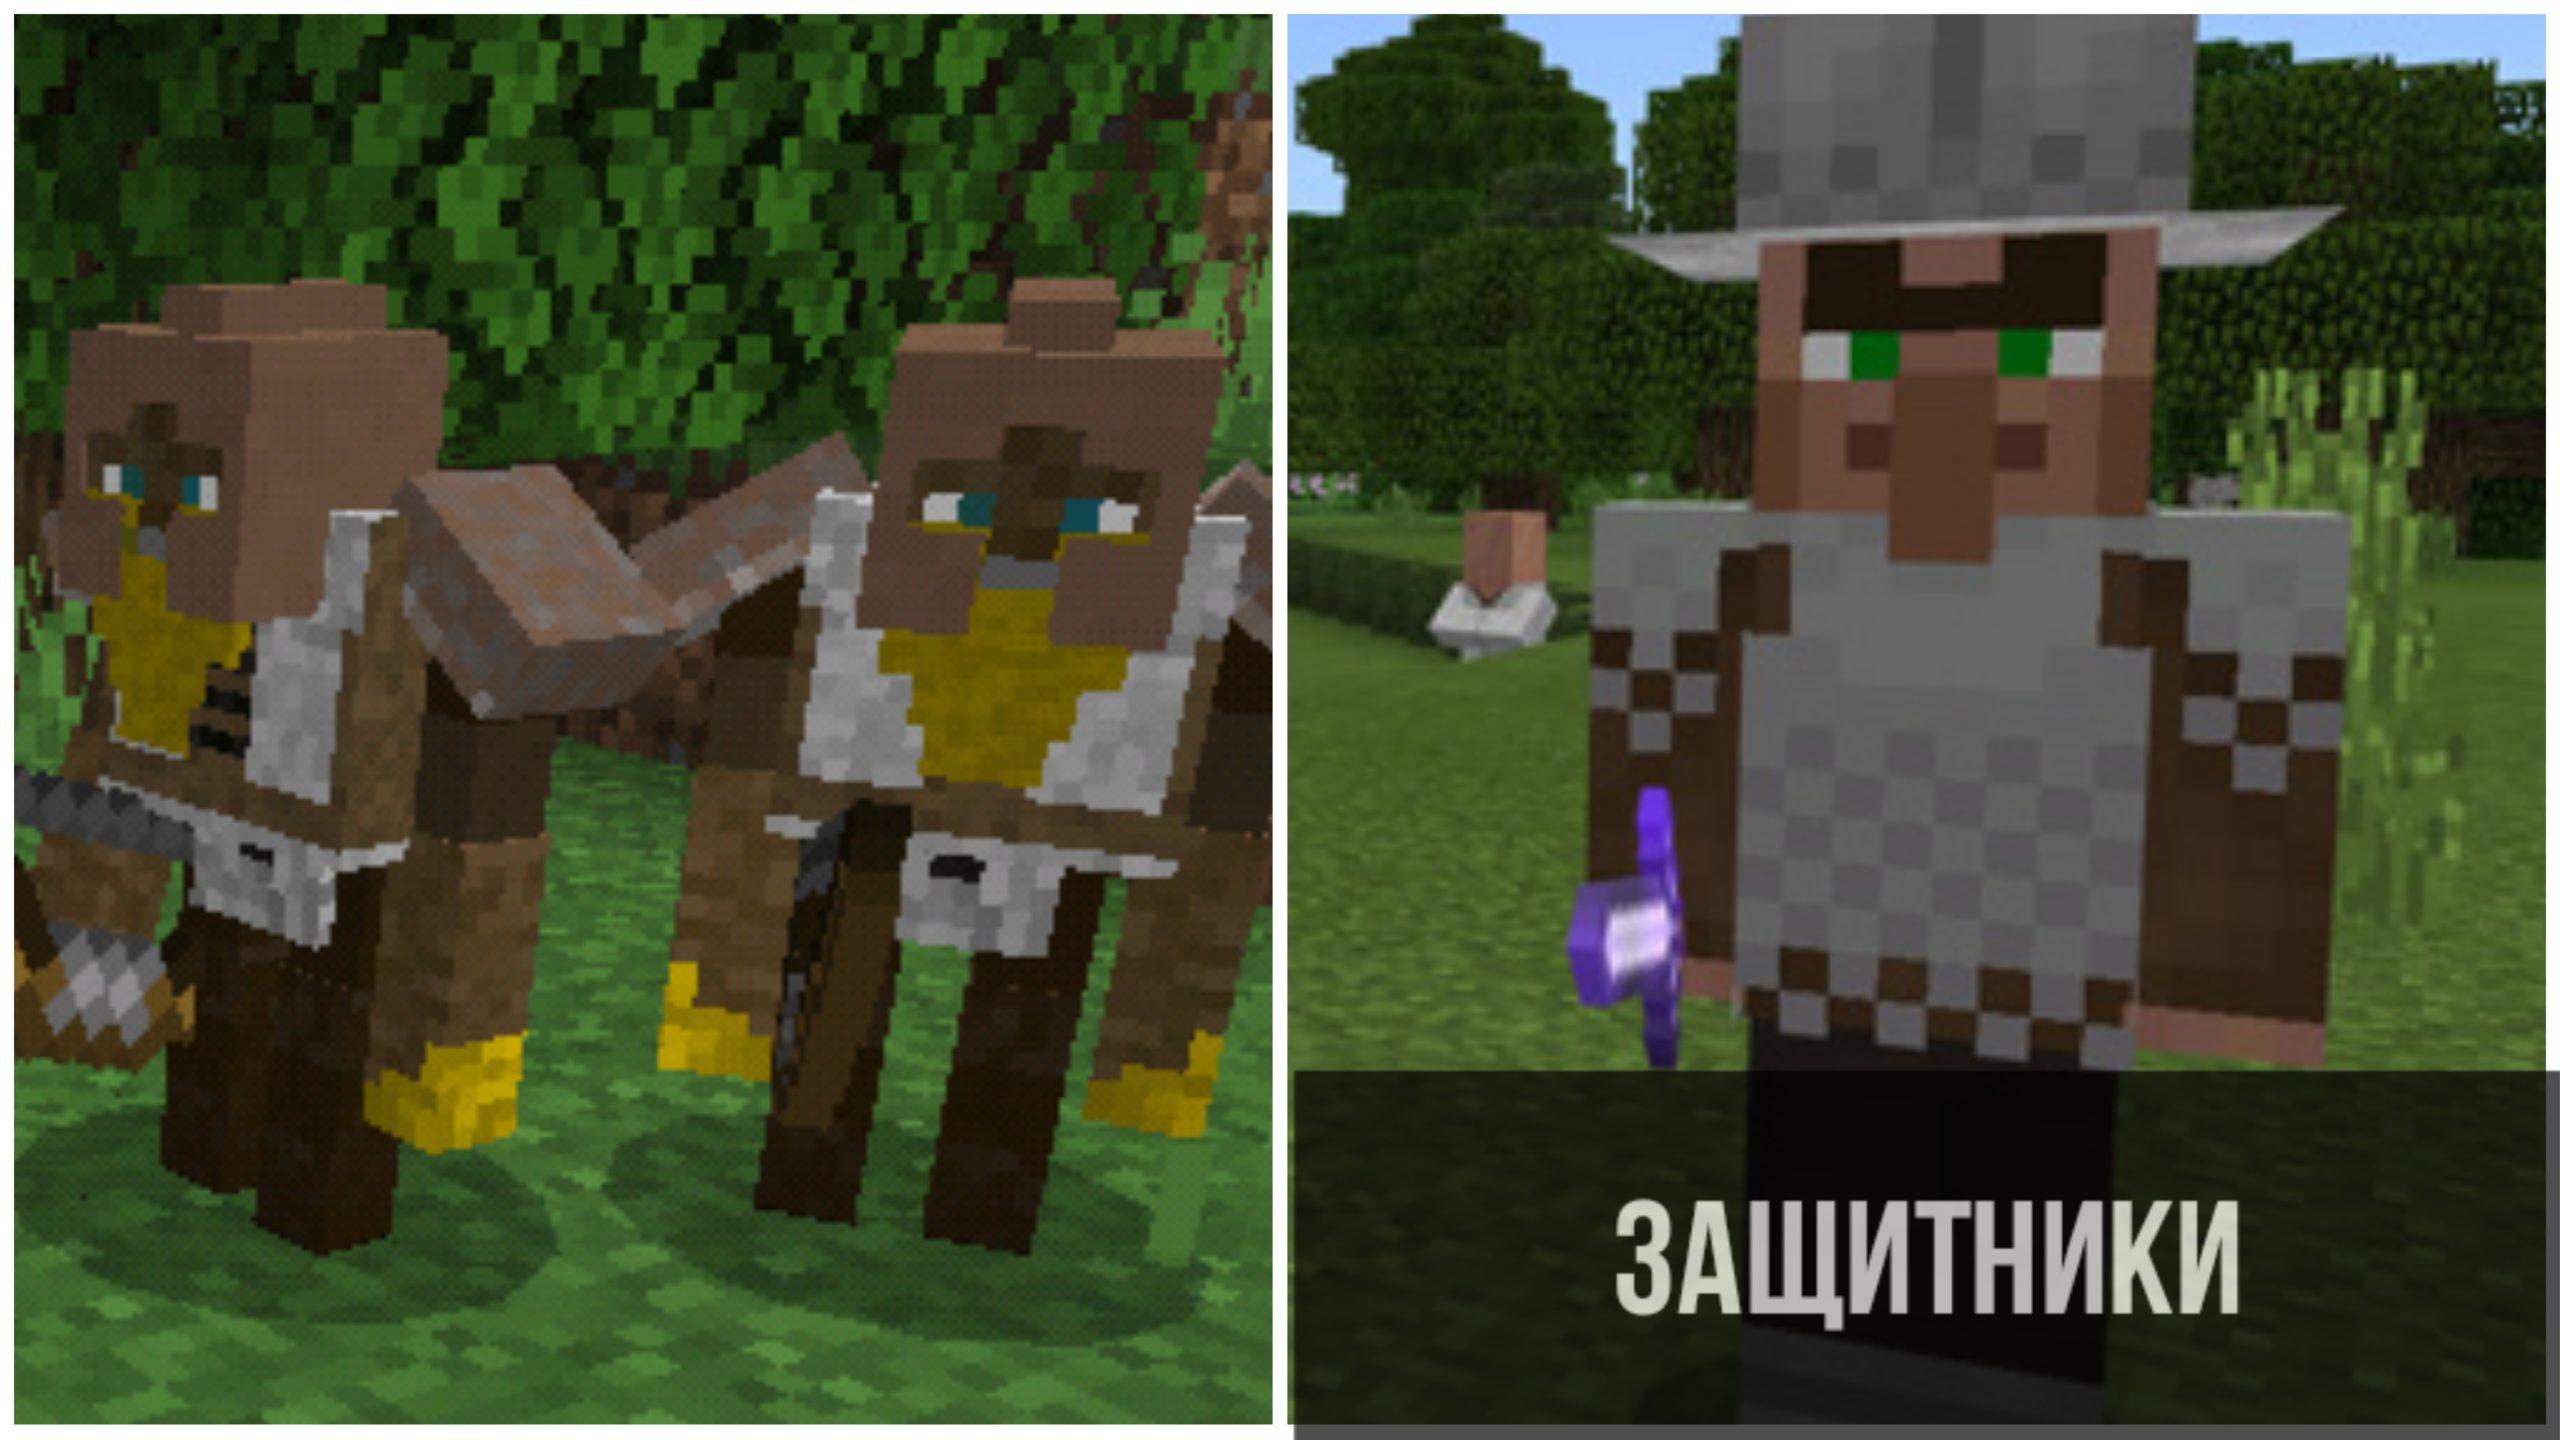 Защитники в Minecraft PE